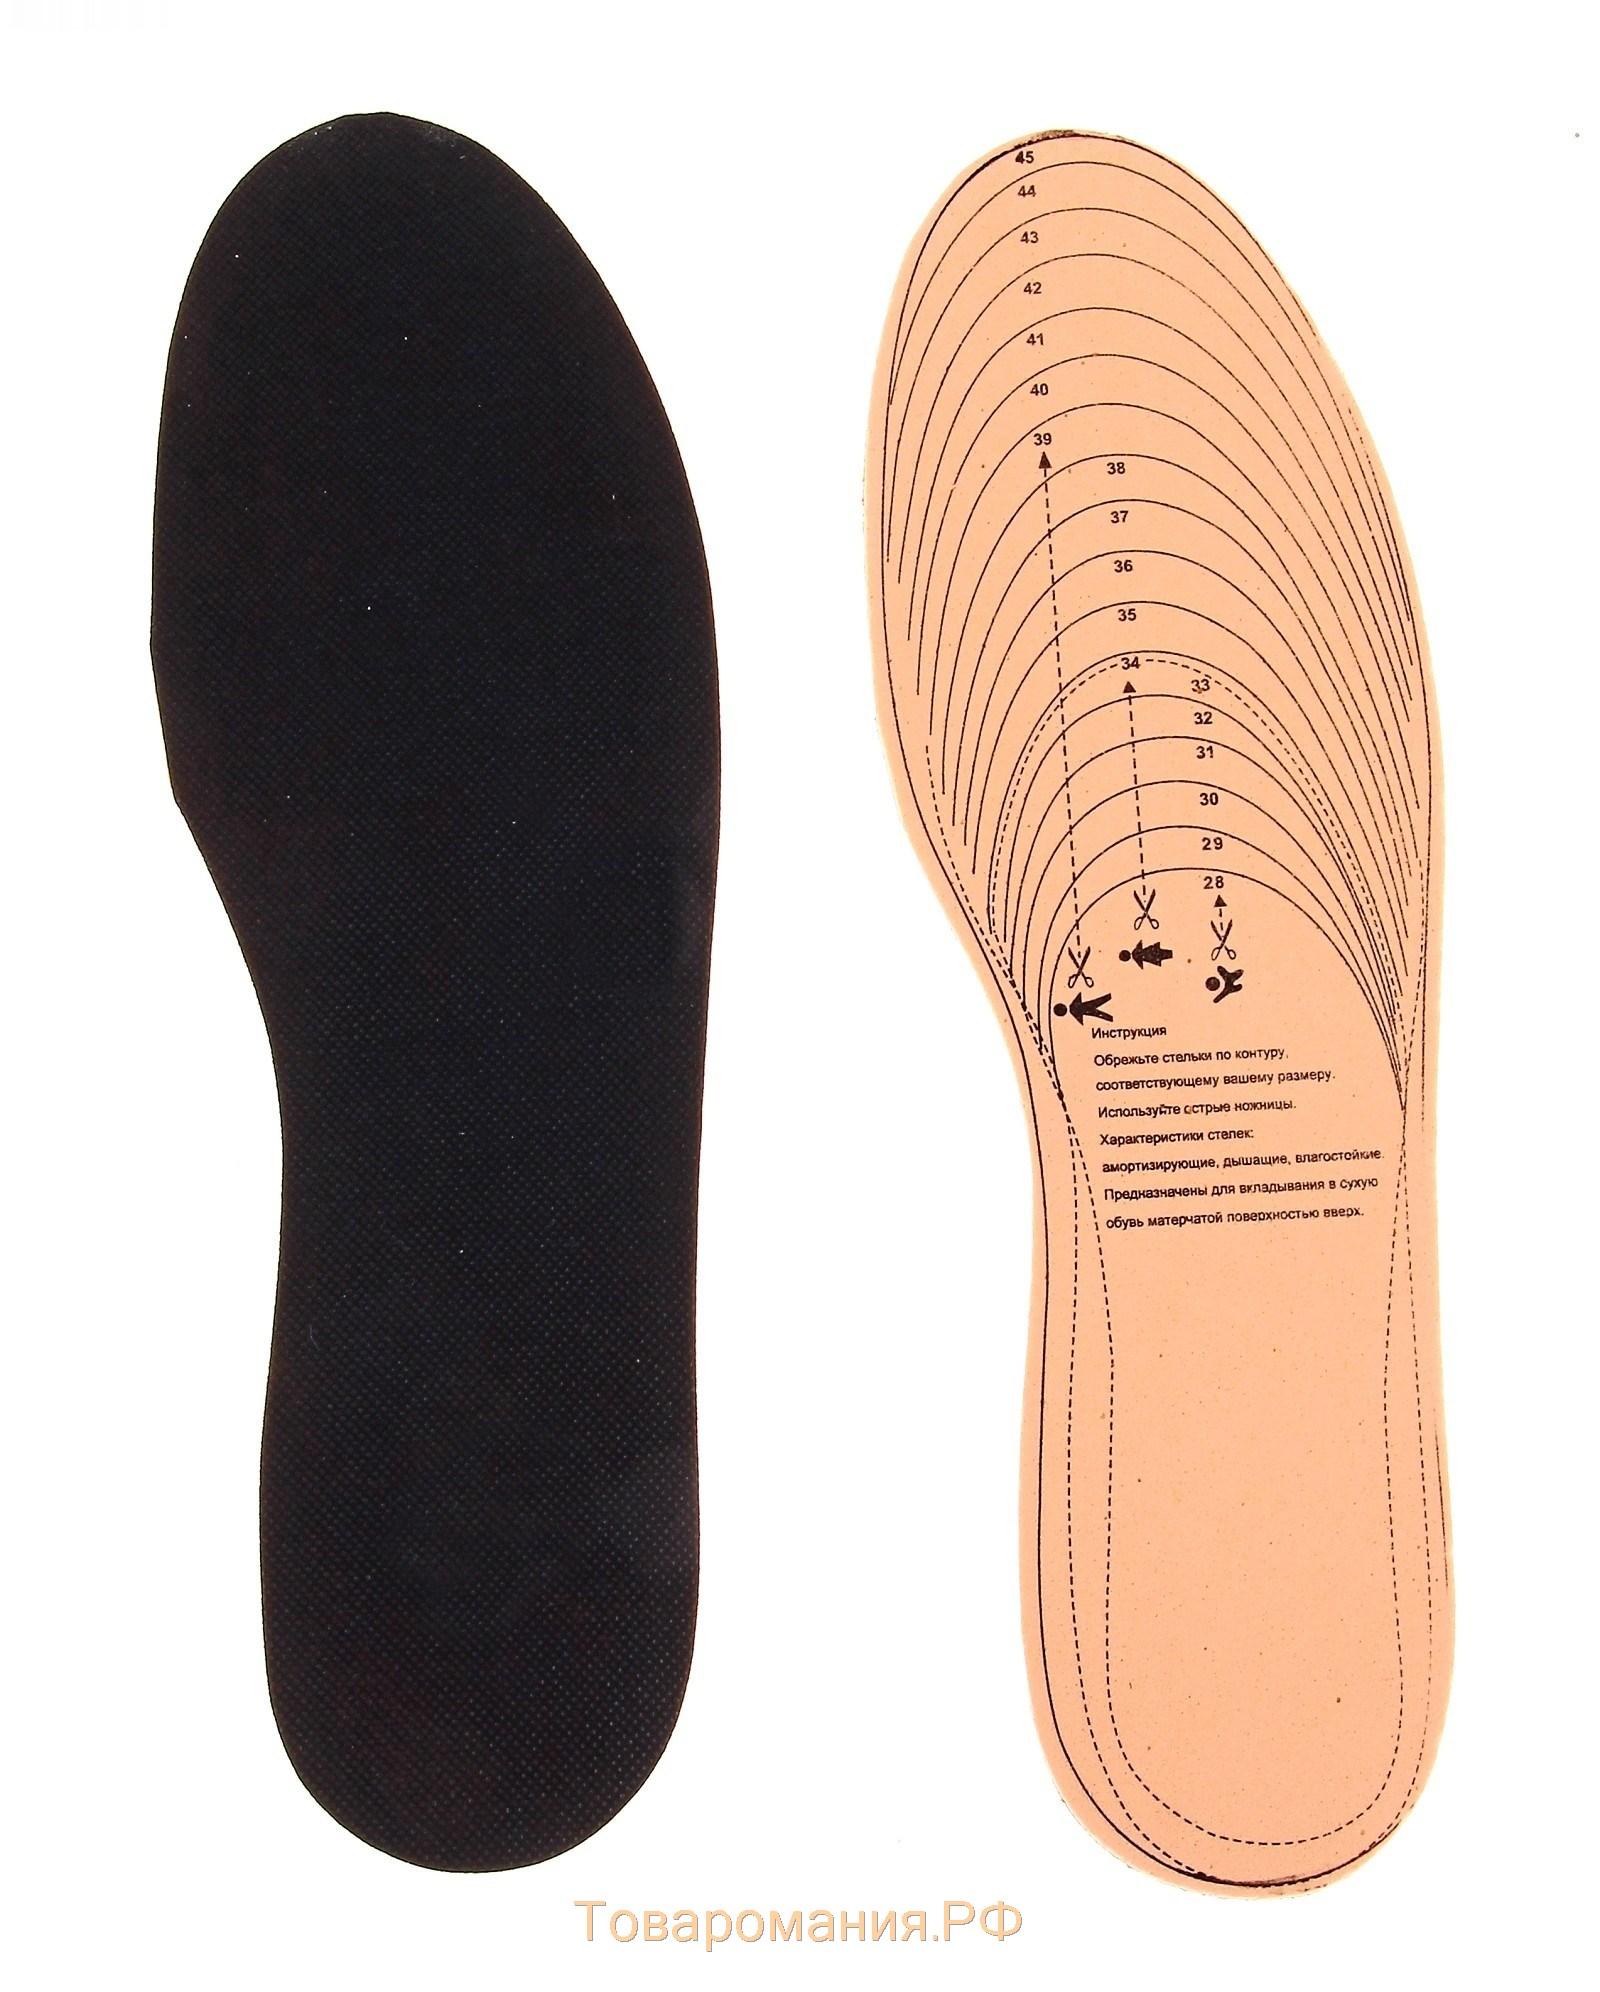 всей видимости, картинка по размеру обуви подбирайте зависимости